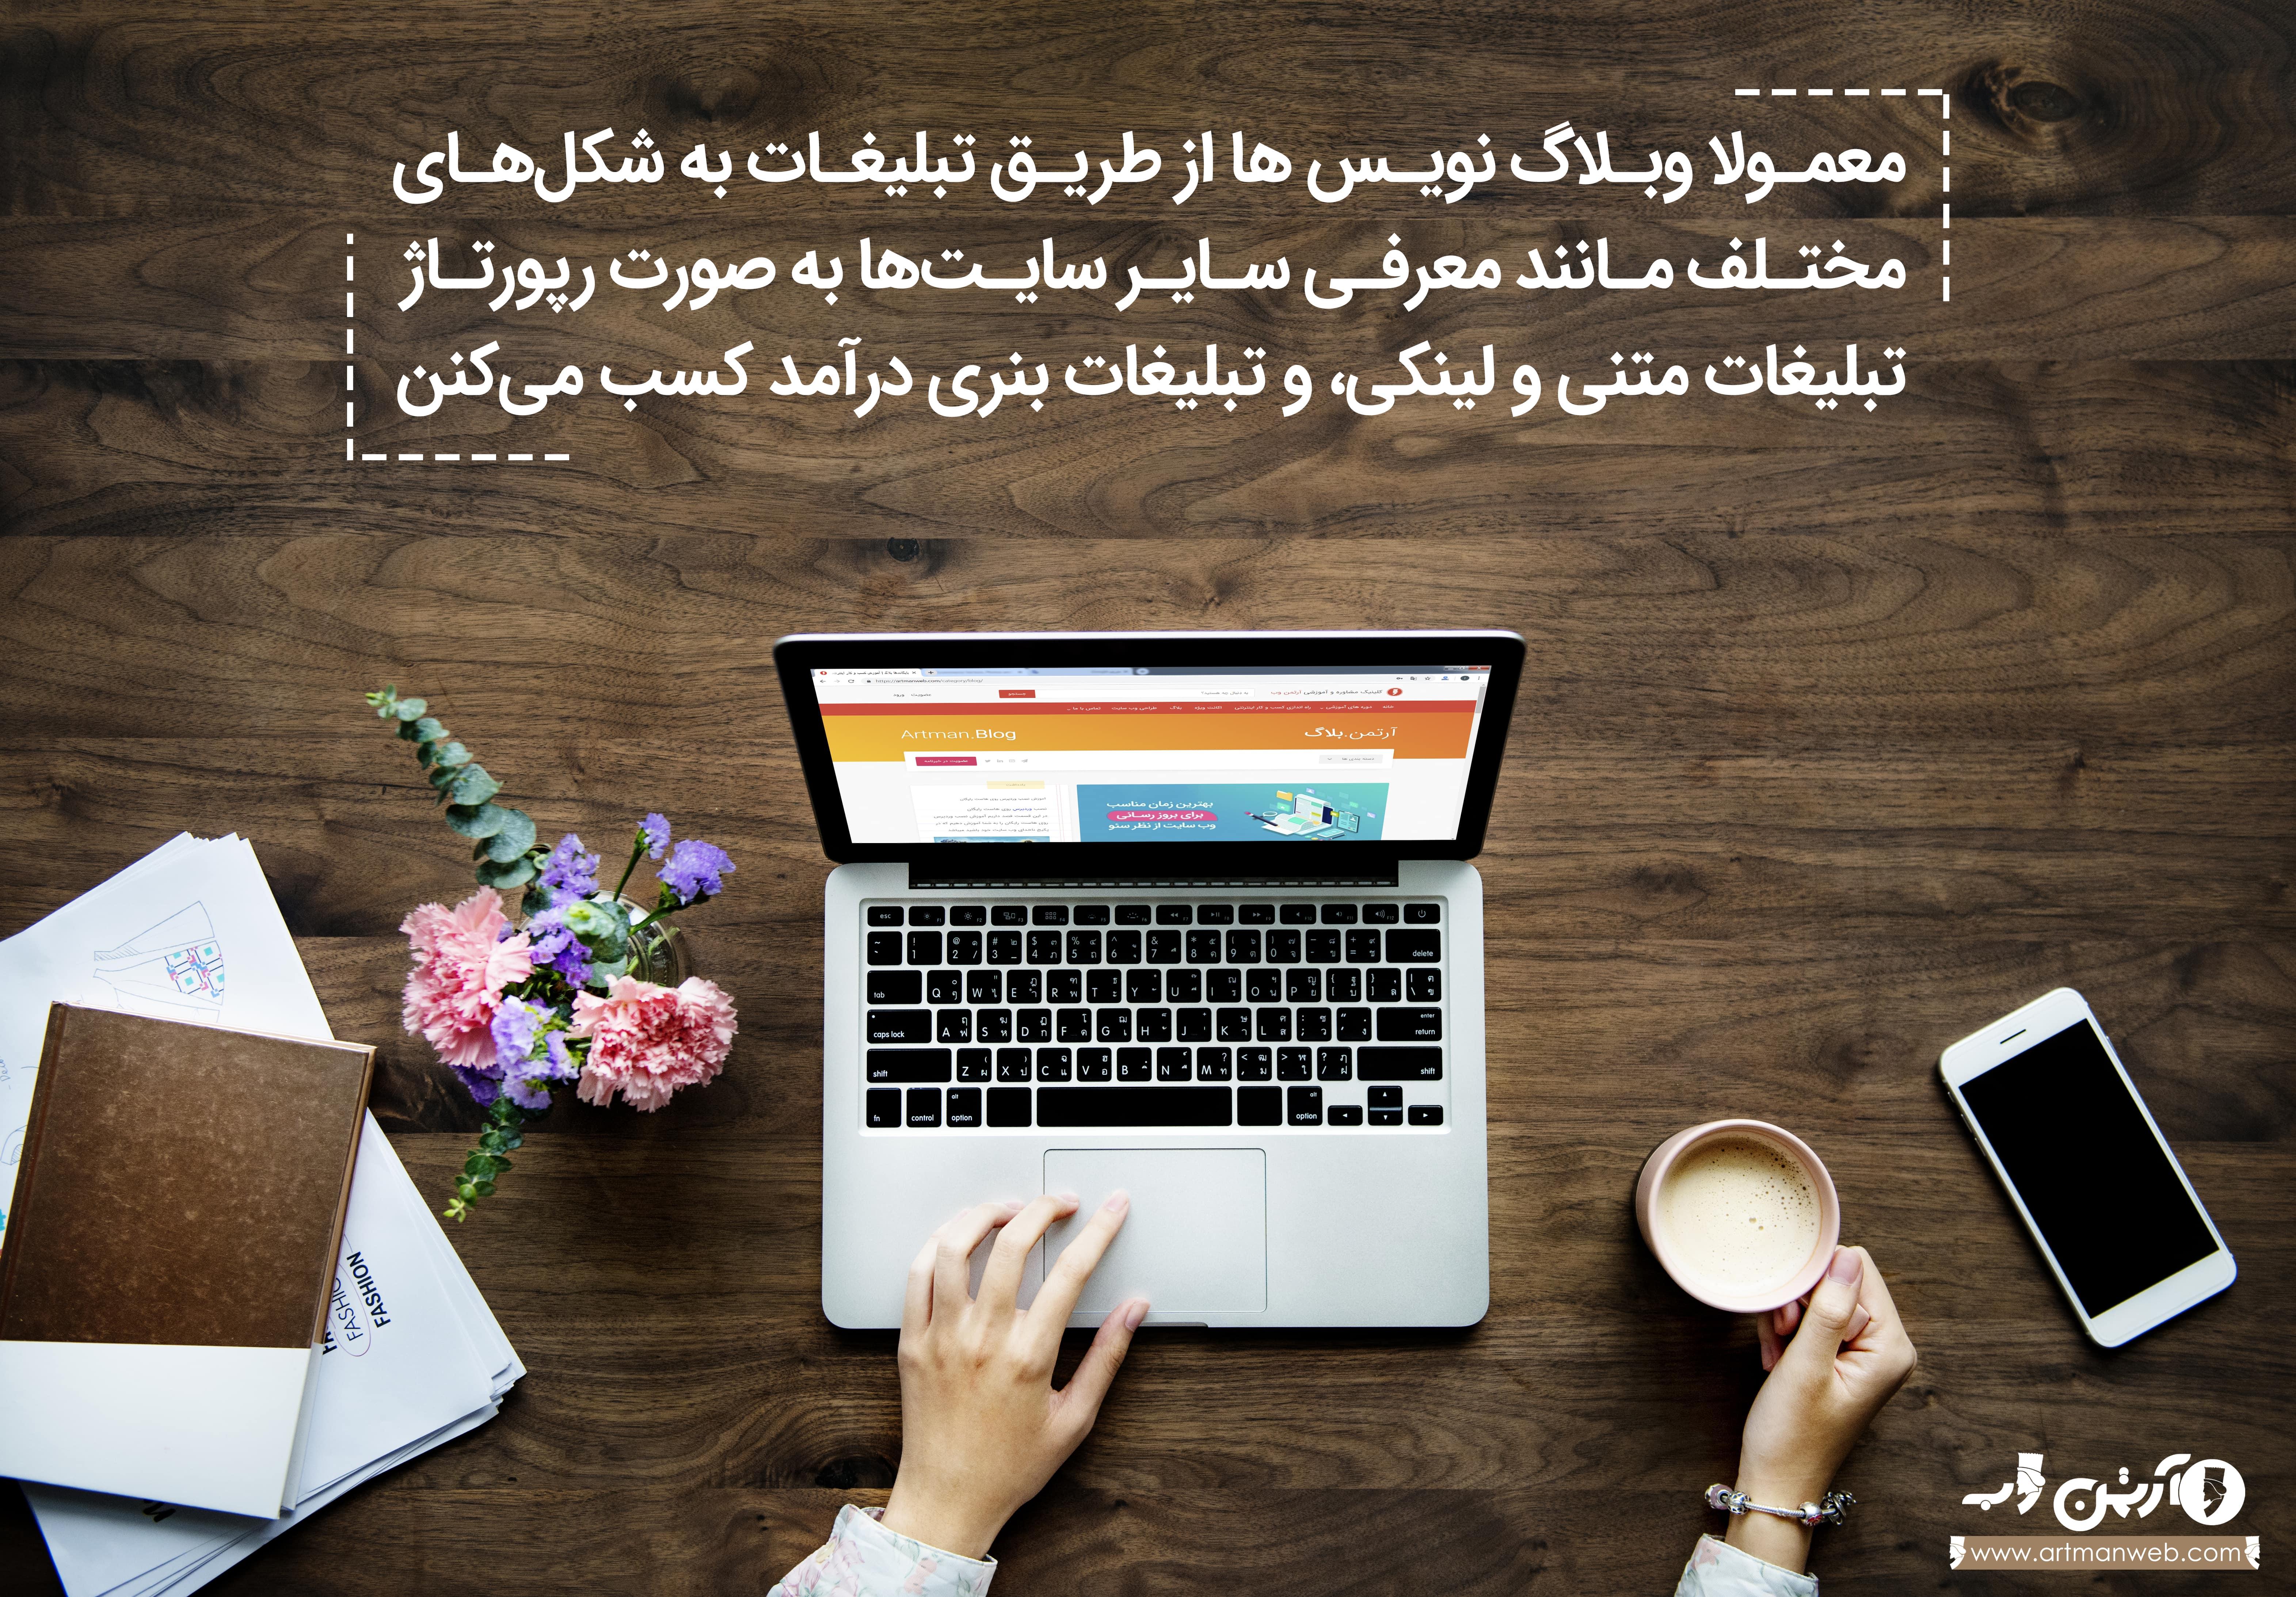 ۵ ایده برای راه اندازی کسب وکار آنلاین